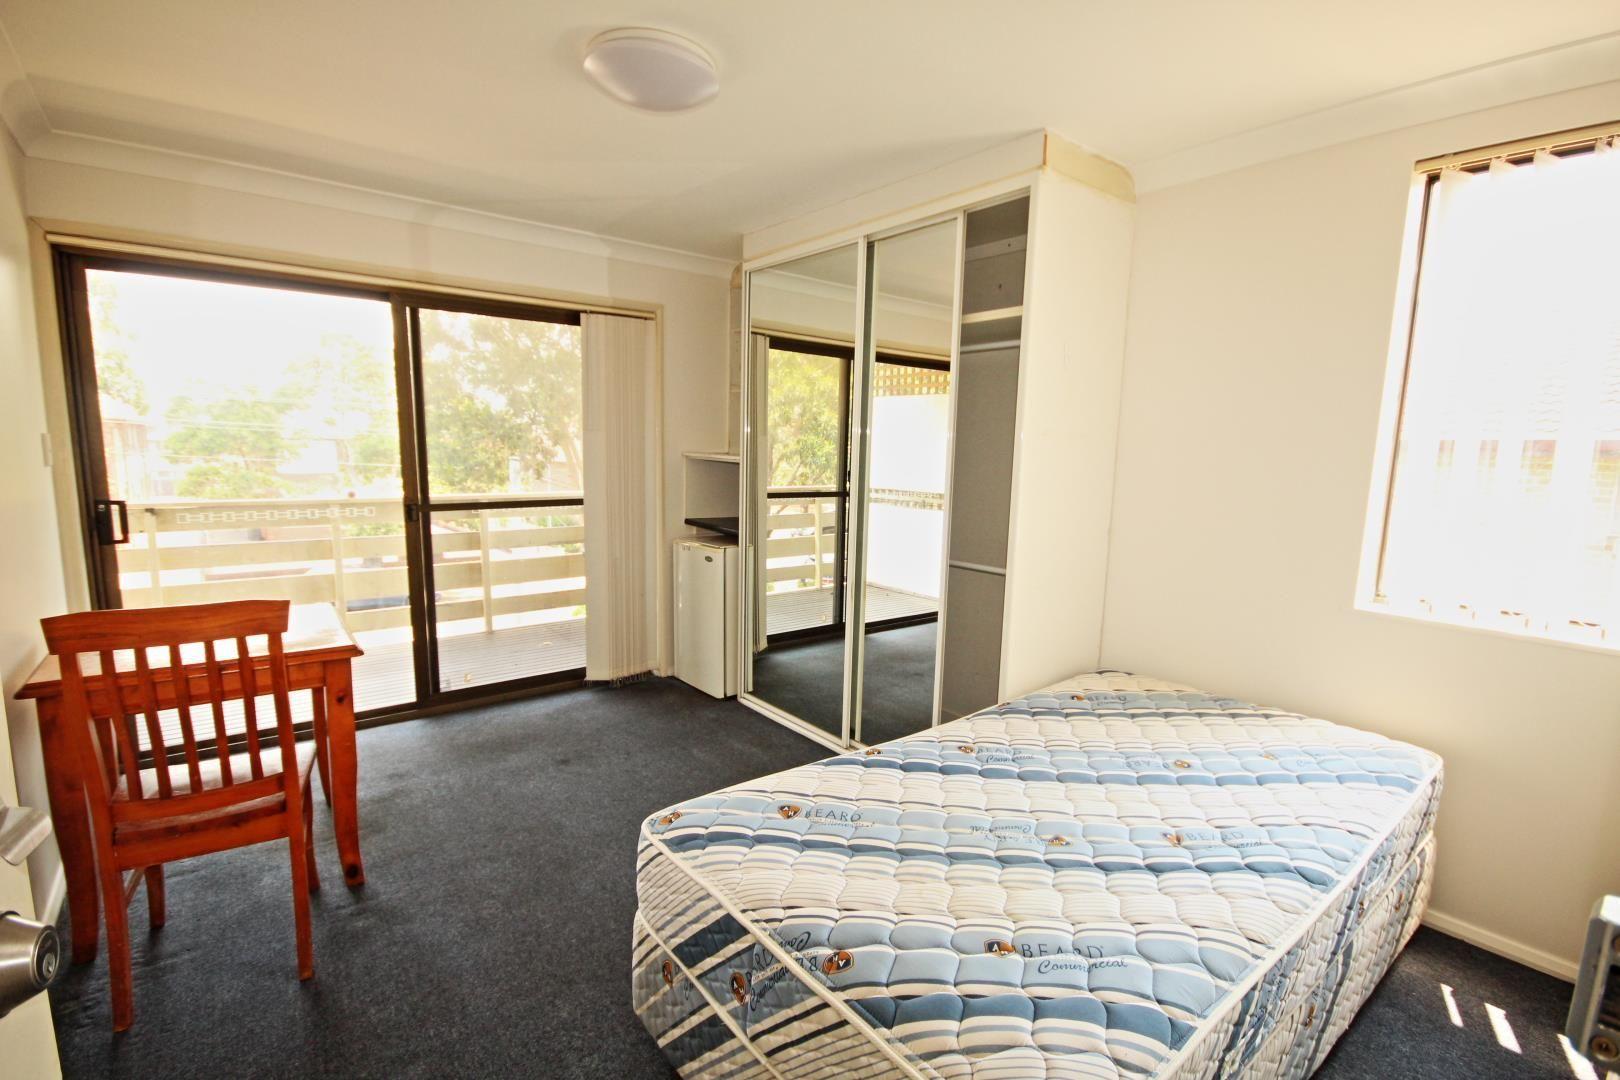 3/40 Campsie Street, Campsie NSW 2194, Image 0